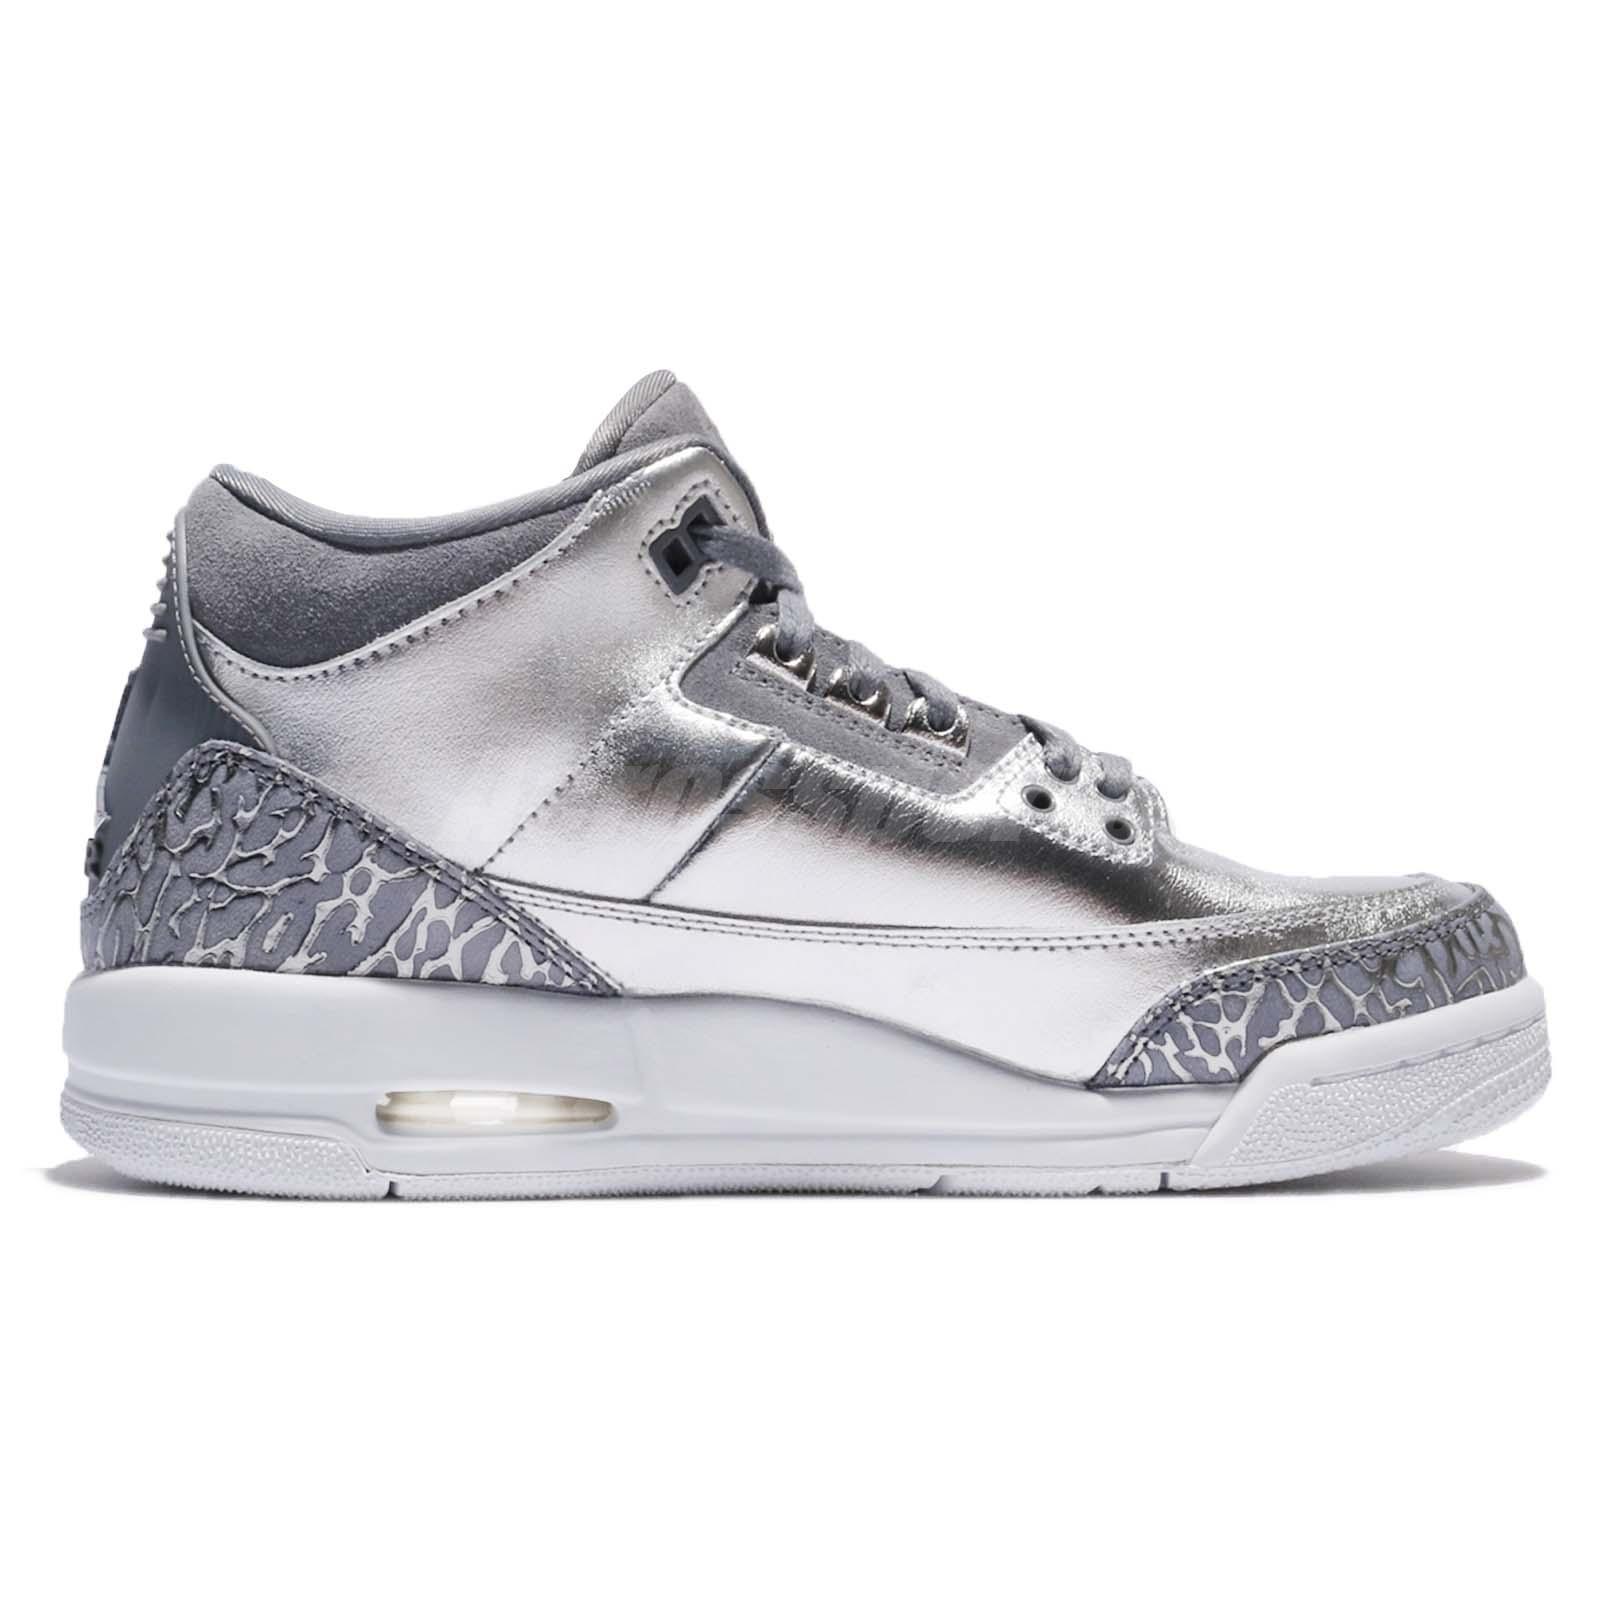 3b6f12e6c50b Nike Air Jordan 3 Retro PREM HC III AJ3 Chrome Silver Kid Women ...